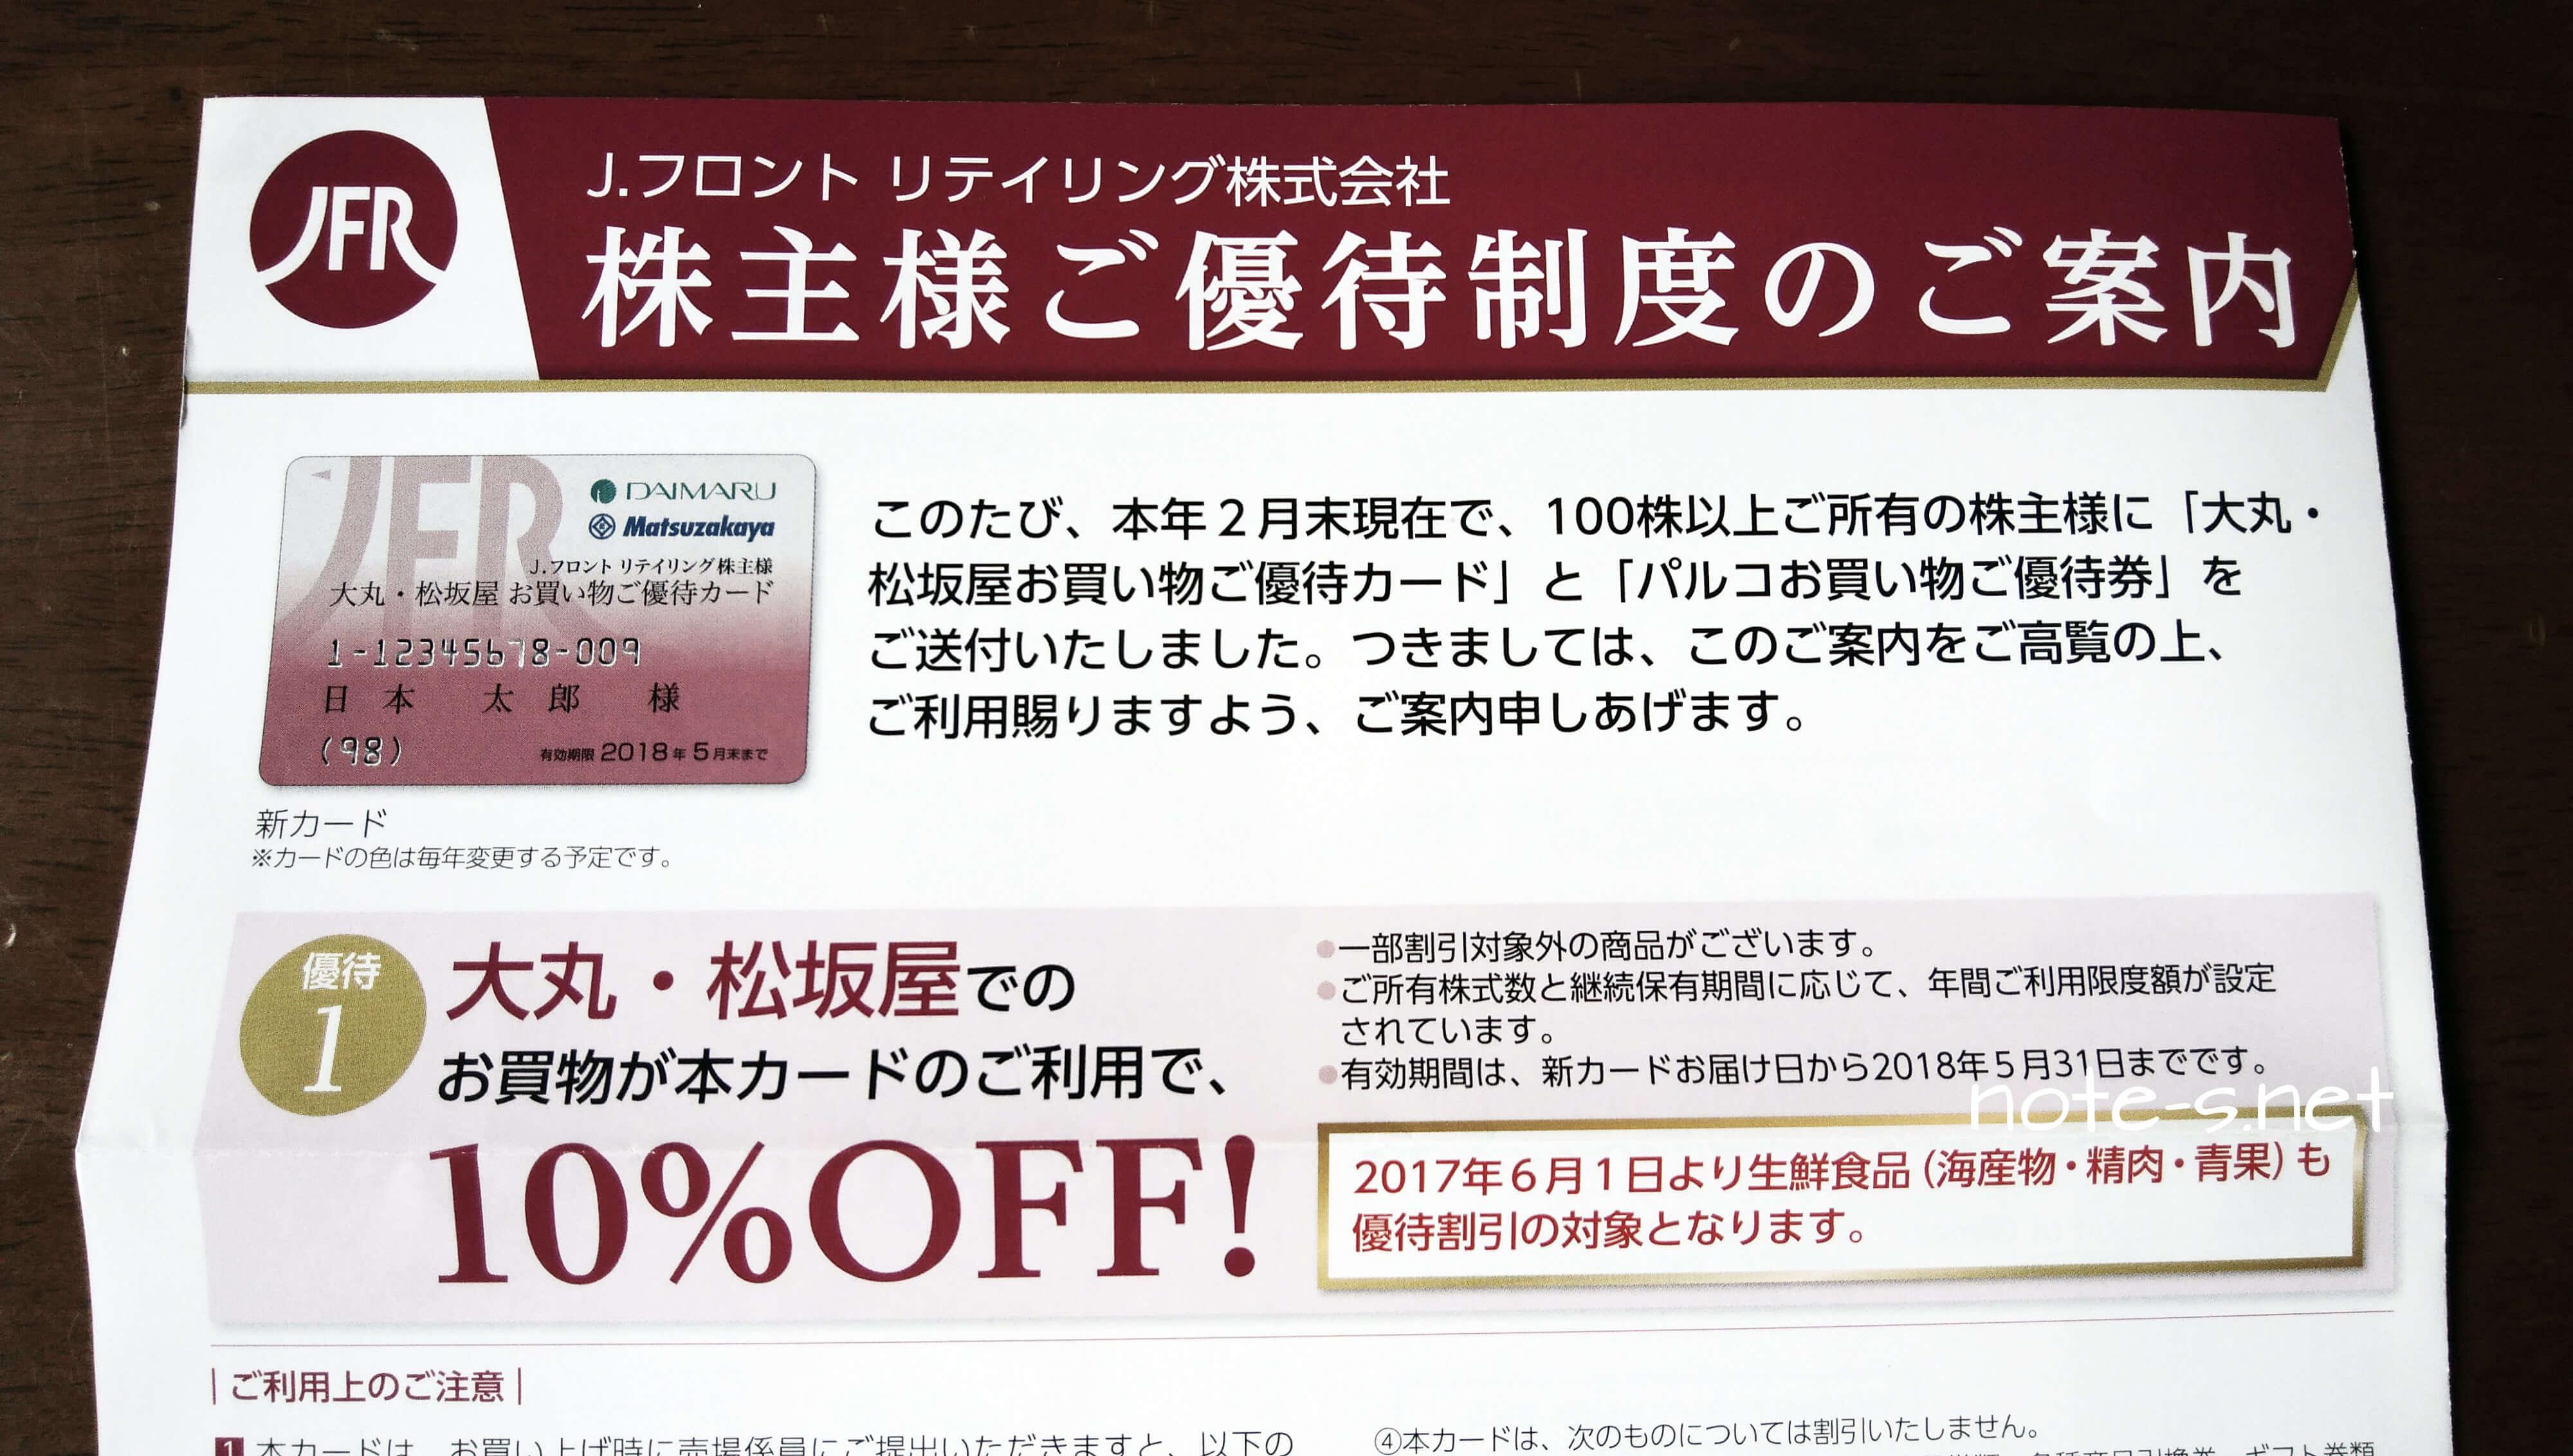 (Jフロント)大丸松坂屋の株主優待が今年も届きました